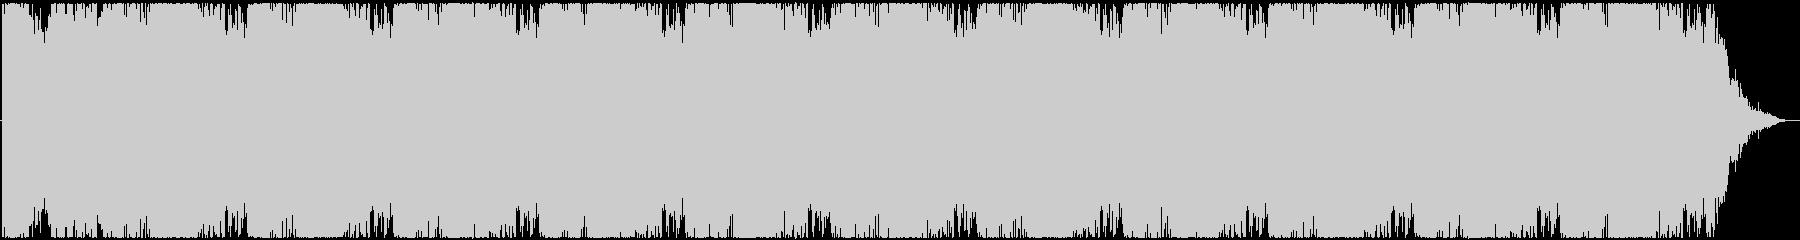 ドローン マーキュリー03の未再生の波形